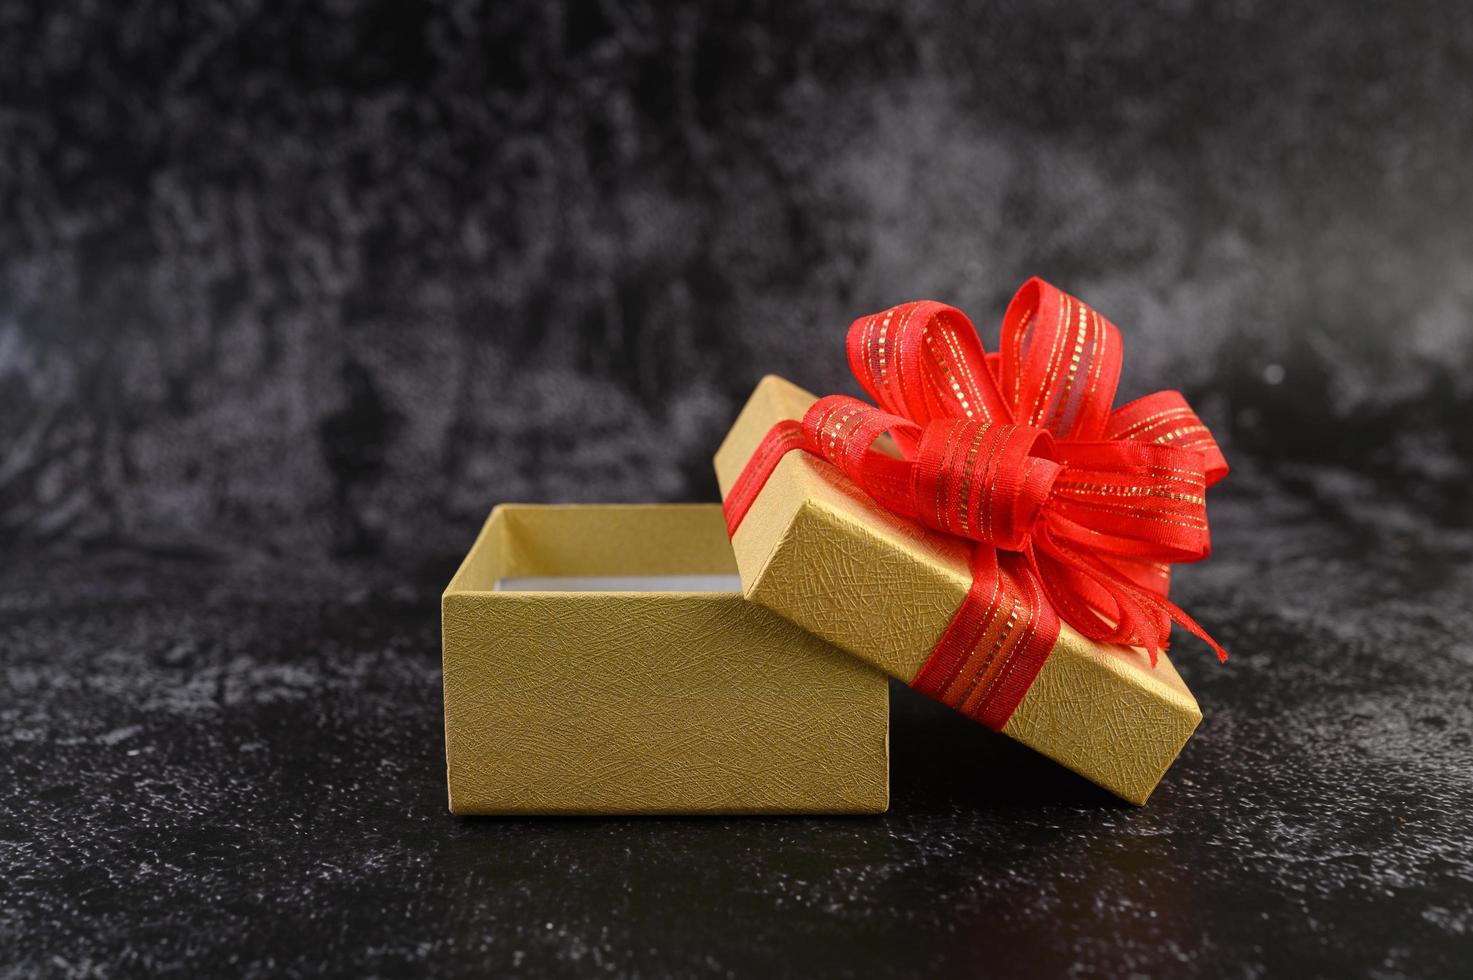 geschenkdoos met een rode strik vastgebonden en geopend foto